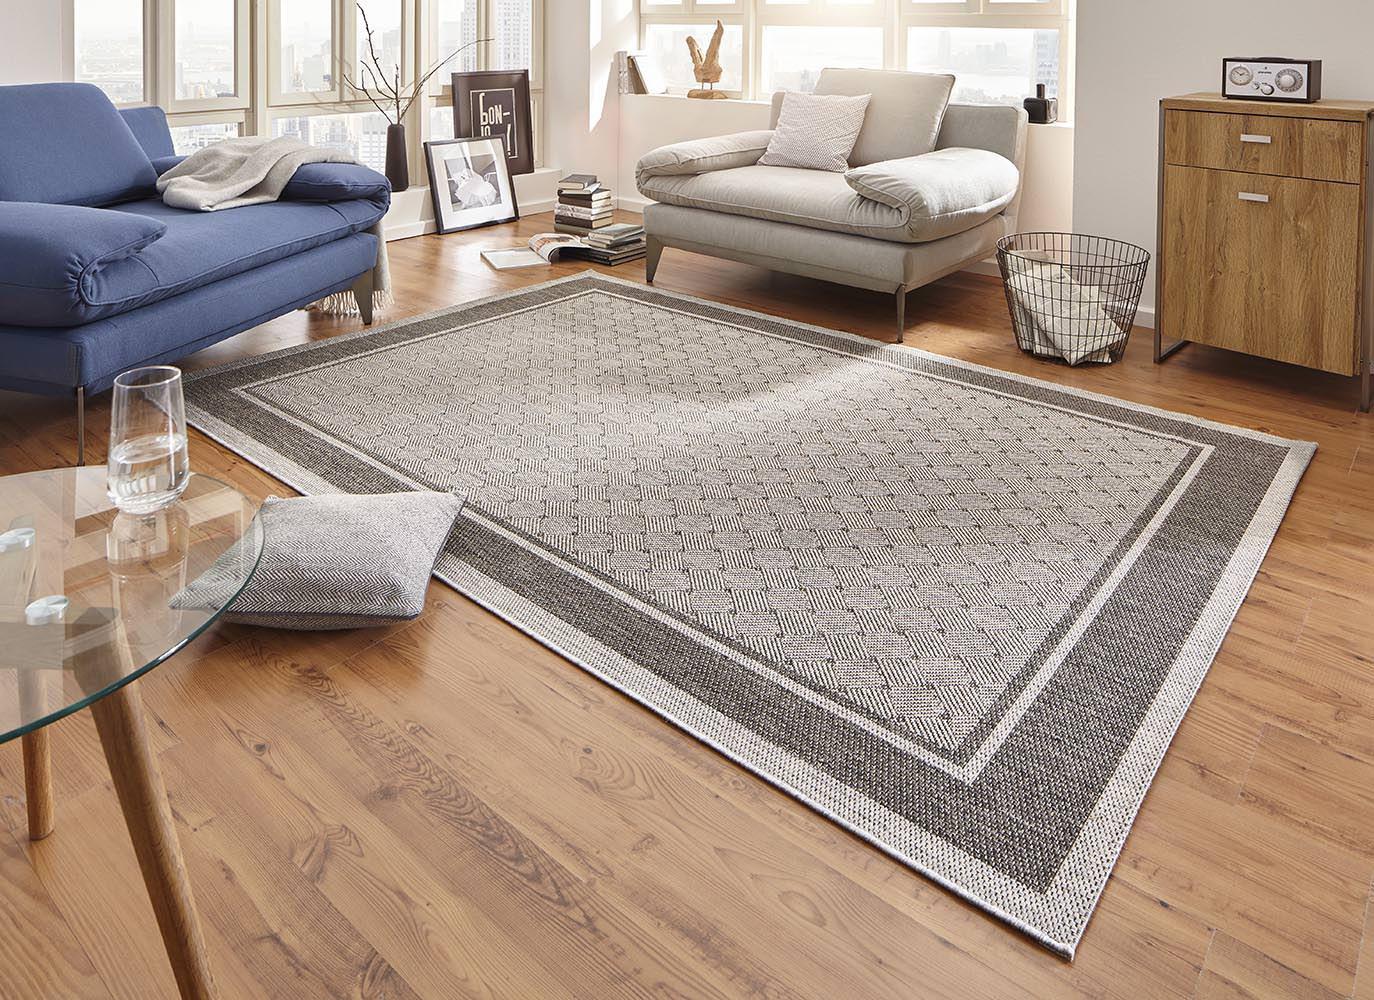 Full Size of Pvc Teppich Küche Teppich Küche Fliesenoptik Teppich Küche Natur Teppich Küche Erfahrungen Küche Teppich Küche